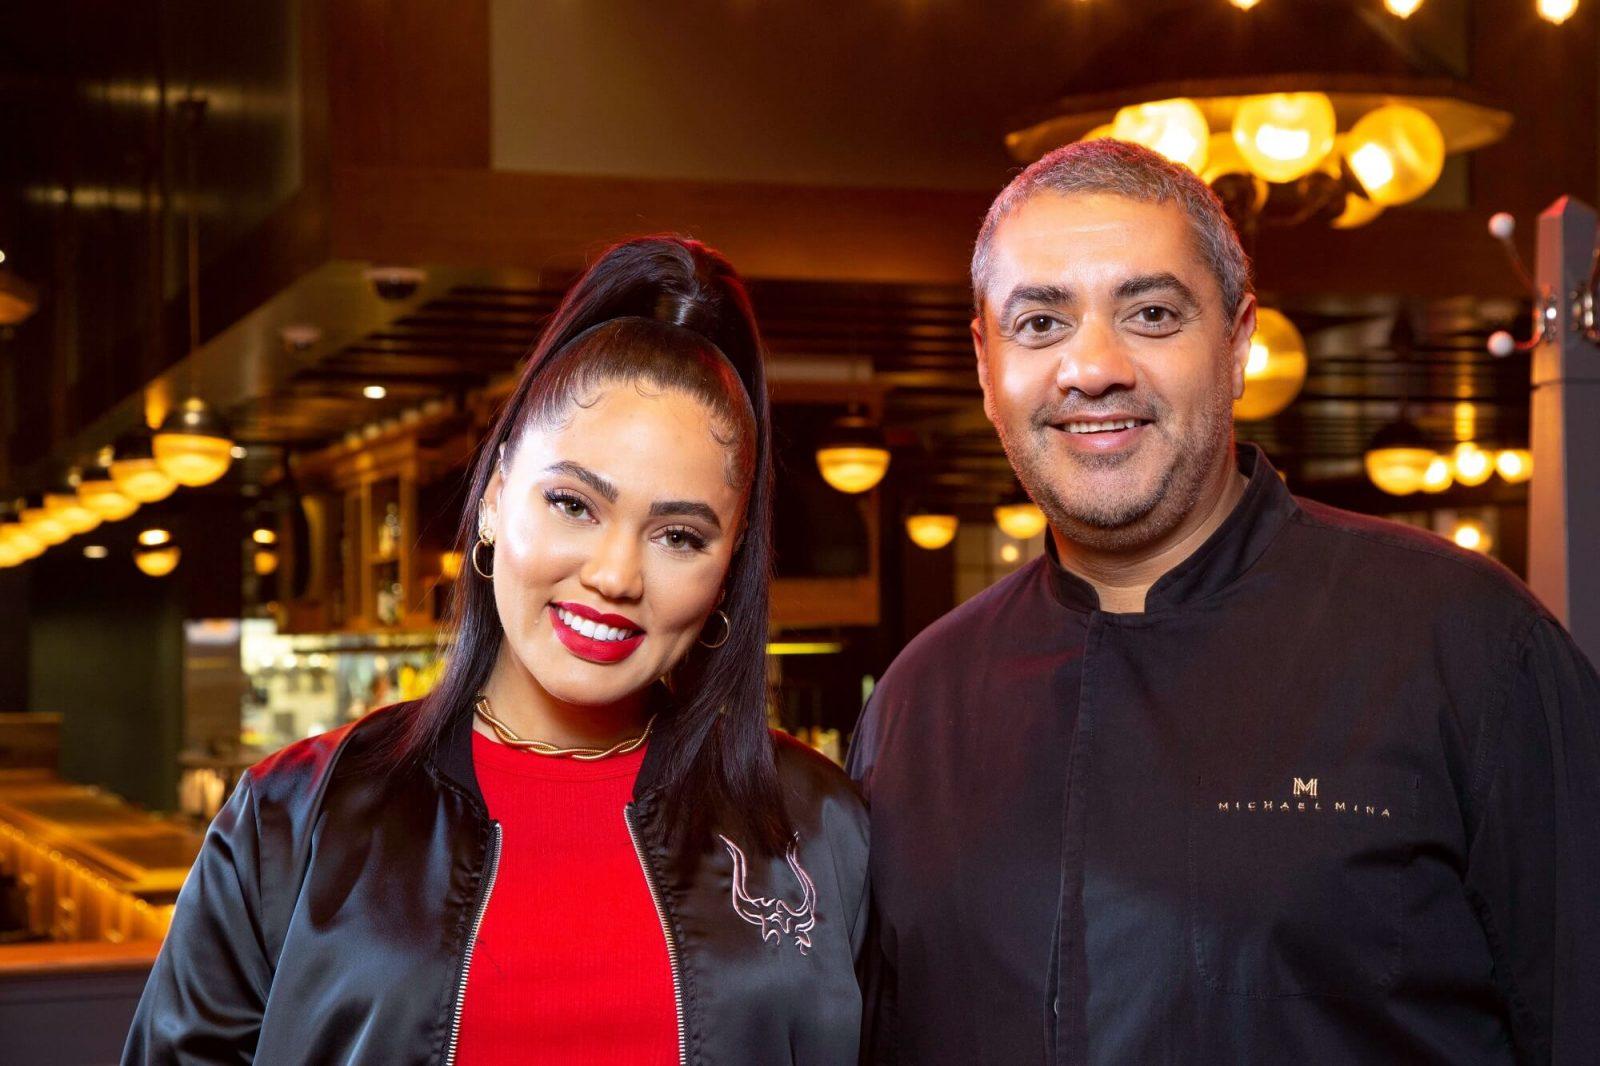 Ayesha Curry and Michael Mina at International Smoke Las Vegas